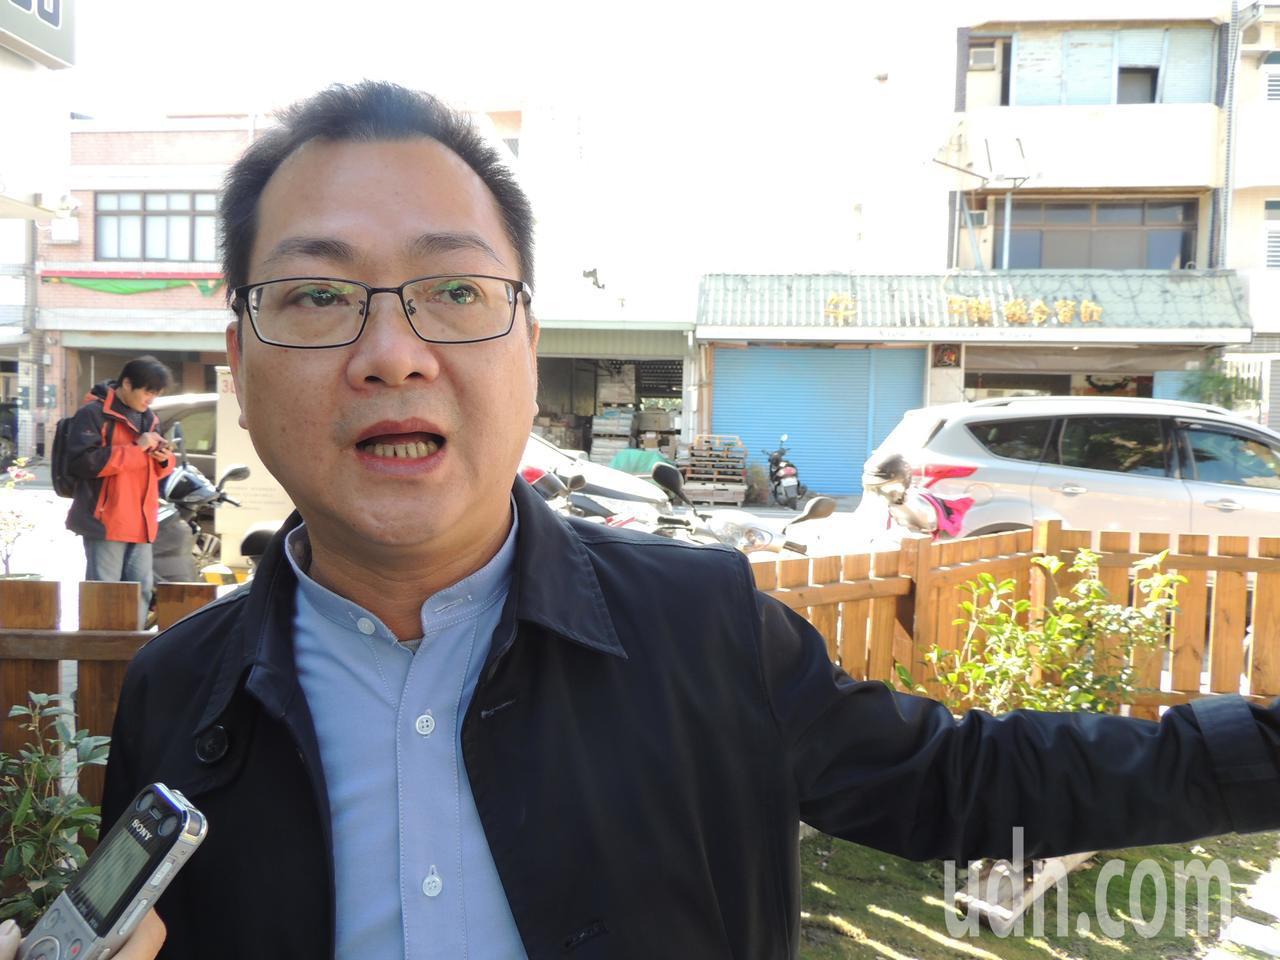 電影導演黃朝亮創建品牌「太麻里文創咖啡」台灣本店昨在台東市開幕。記者羅紹平/攝影